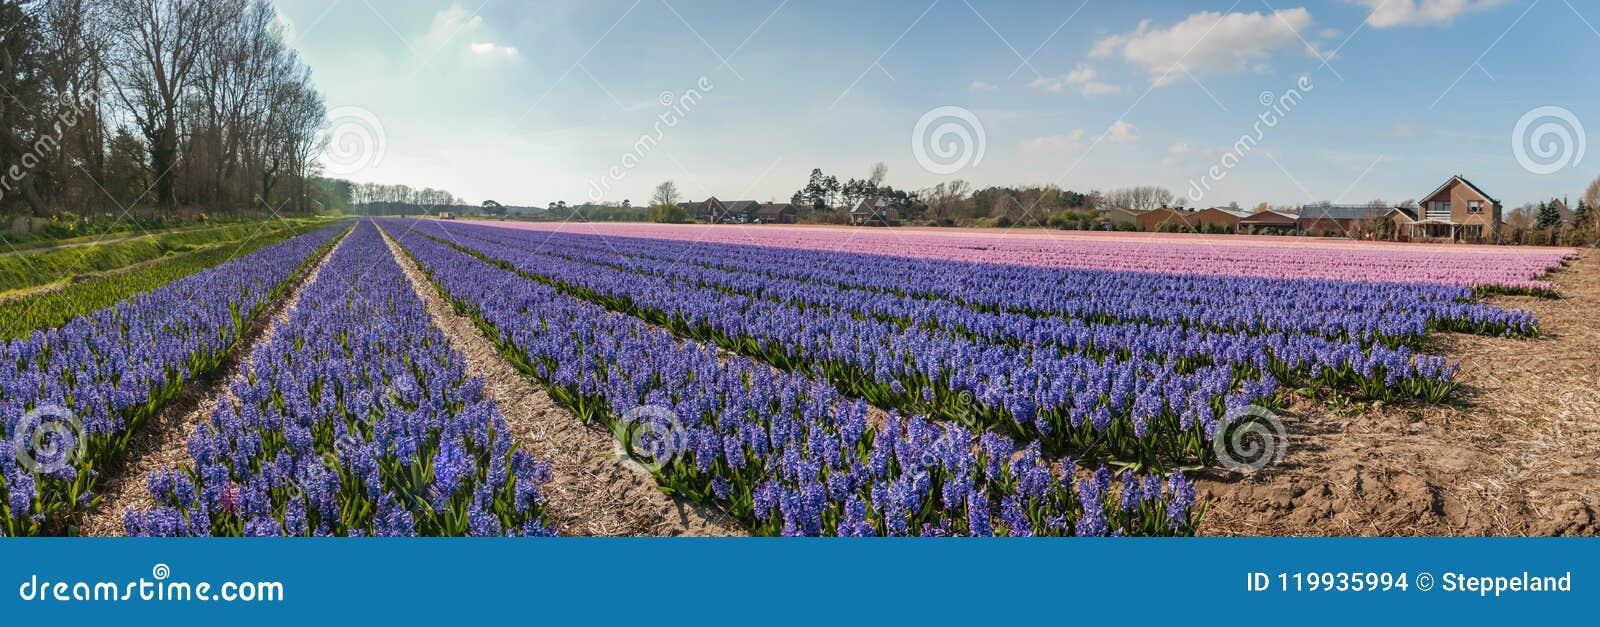 Egmond-binnen, os Países Baixos - em abril de 2016: Flowerfields com panorama roxo e cor-de-rosa dos jacintos